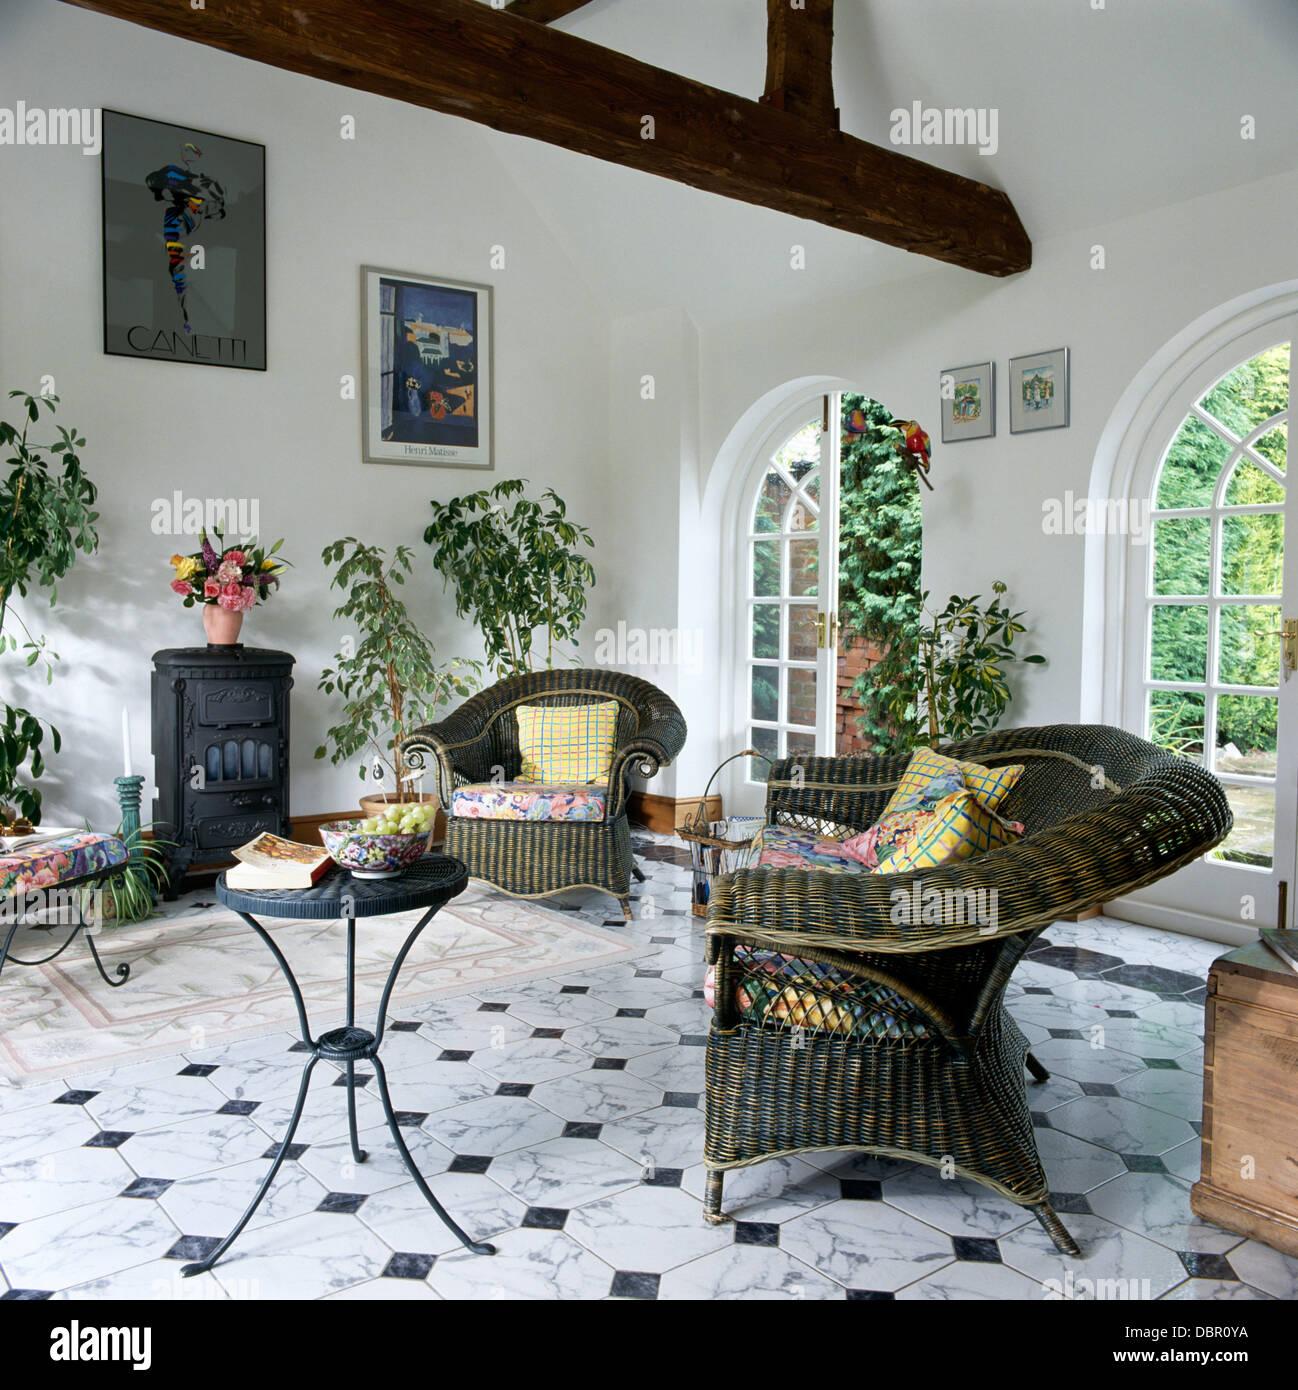 Graue Wicker Sessel Und Beistelltisch Metall In Weiß Wohnzimmer Erweiterung  Mit Schwarzen Herd Und Schwarz + Weiß Gefliesten Boden